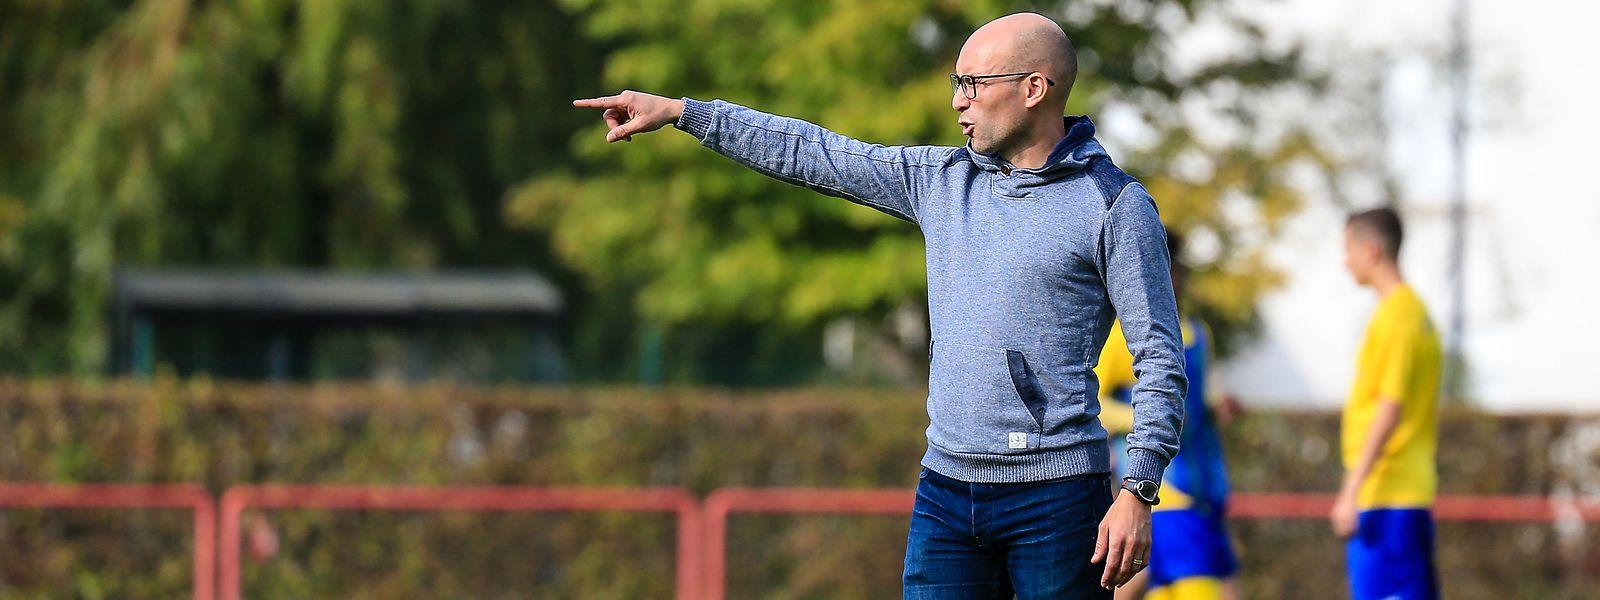 Georges Fernandes, treinador do Beggen, vai defrontar o Etzella, onde jogou vários anos.